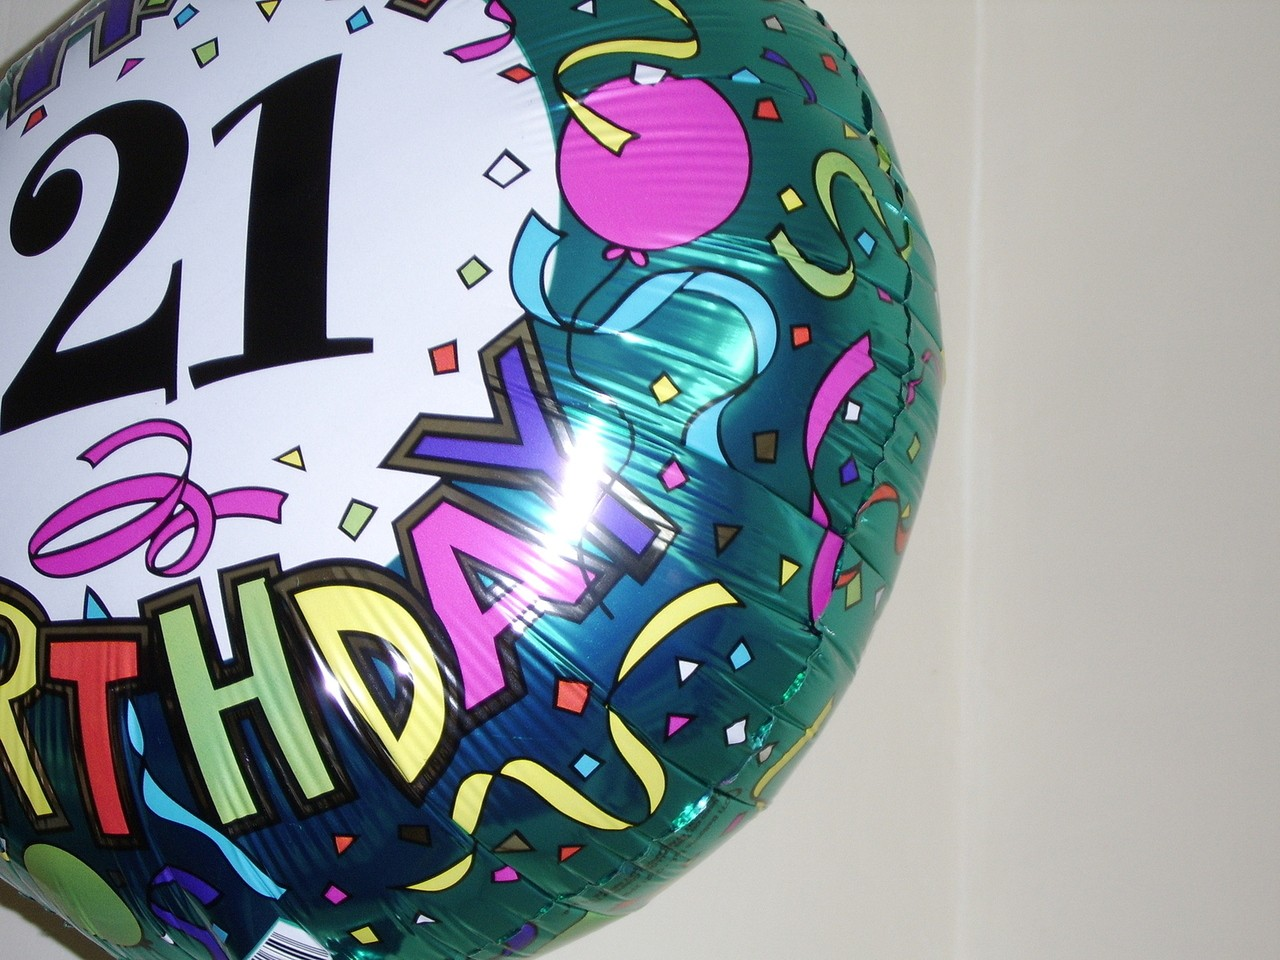 Organizacja przyjęcia urodzinowego